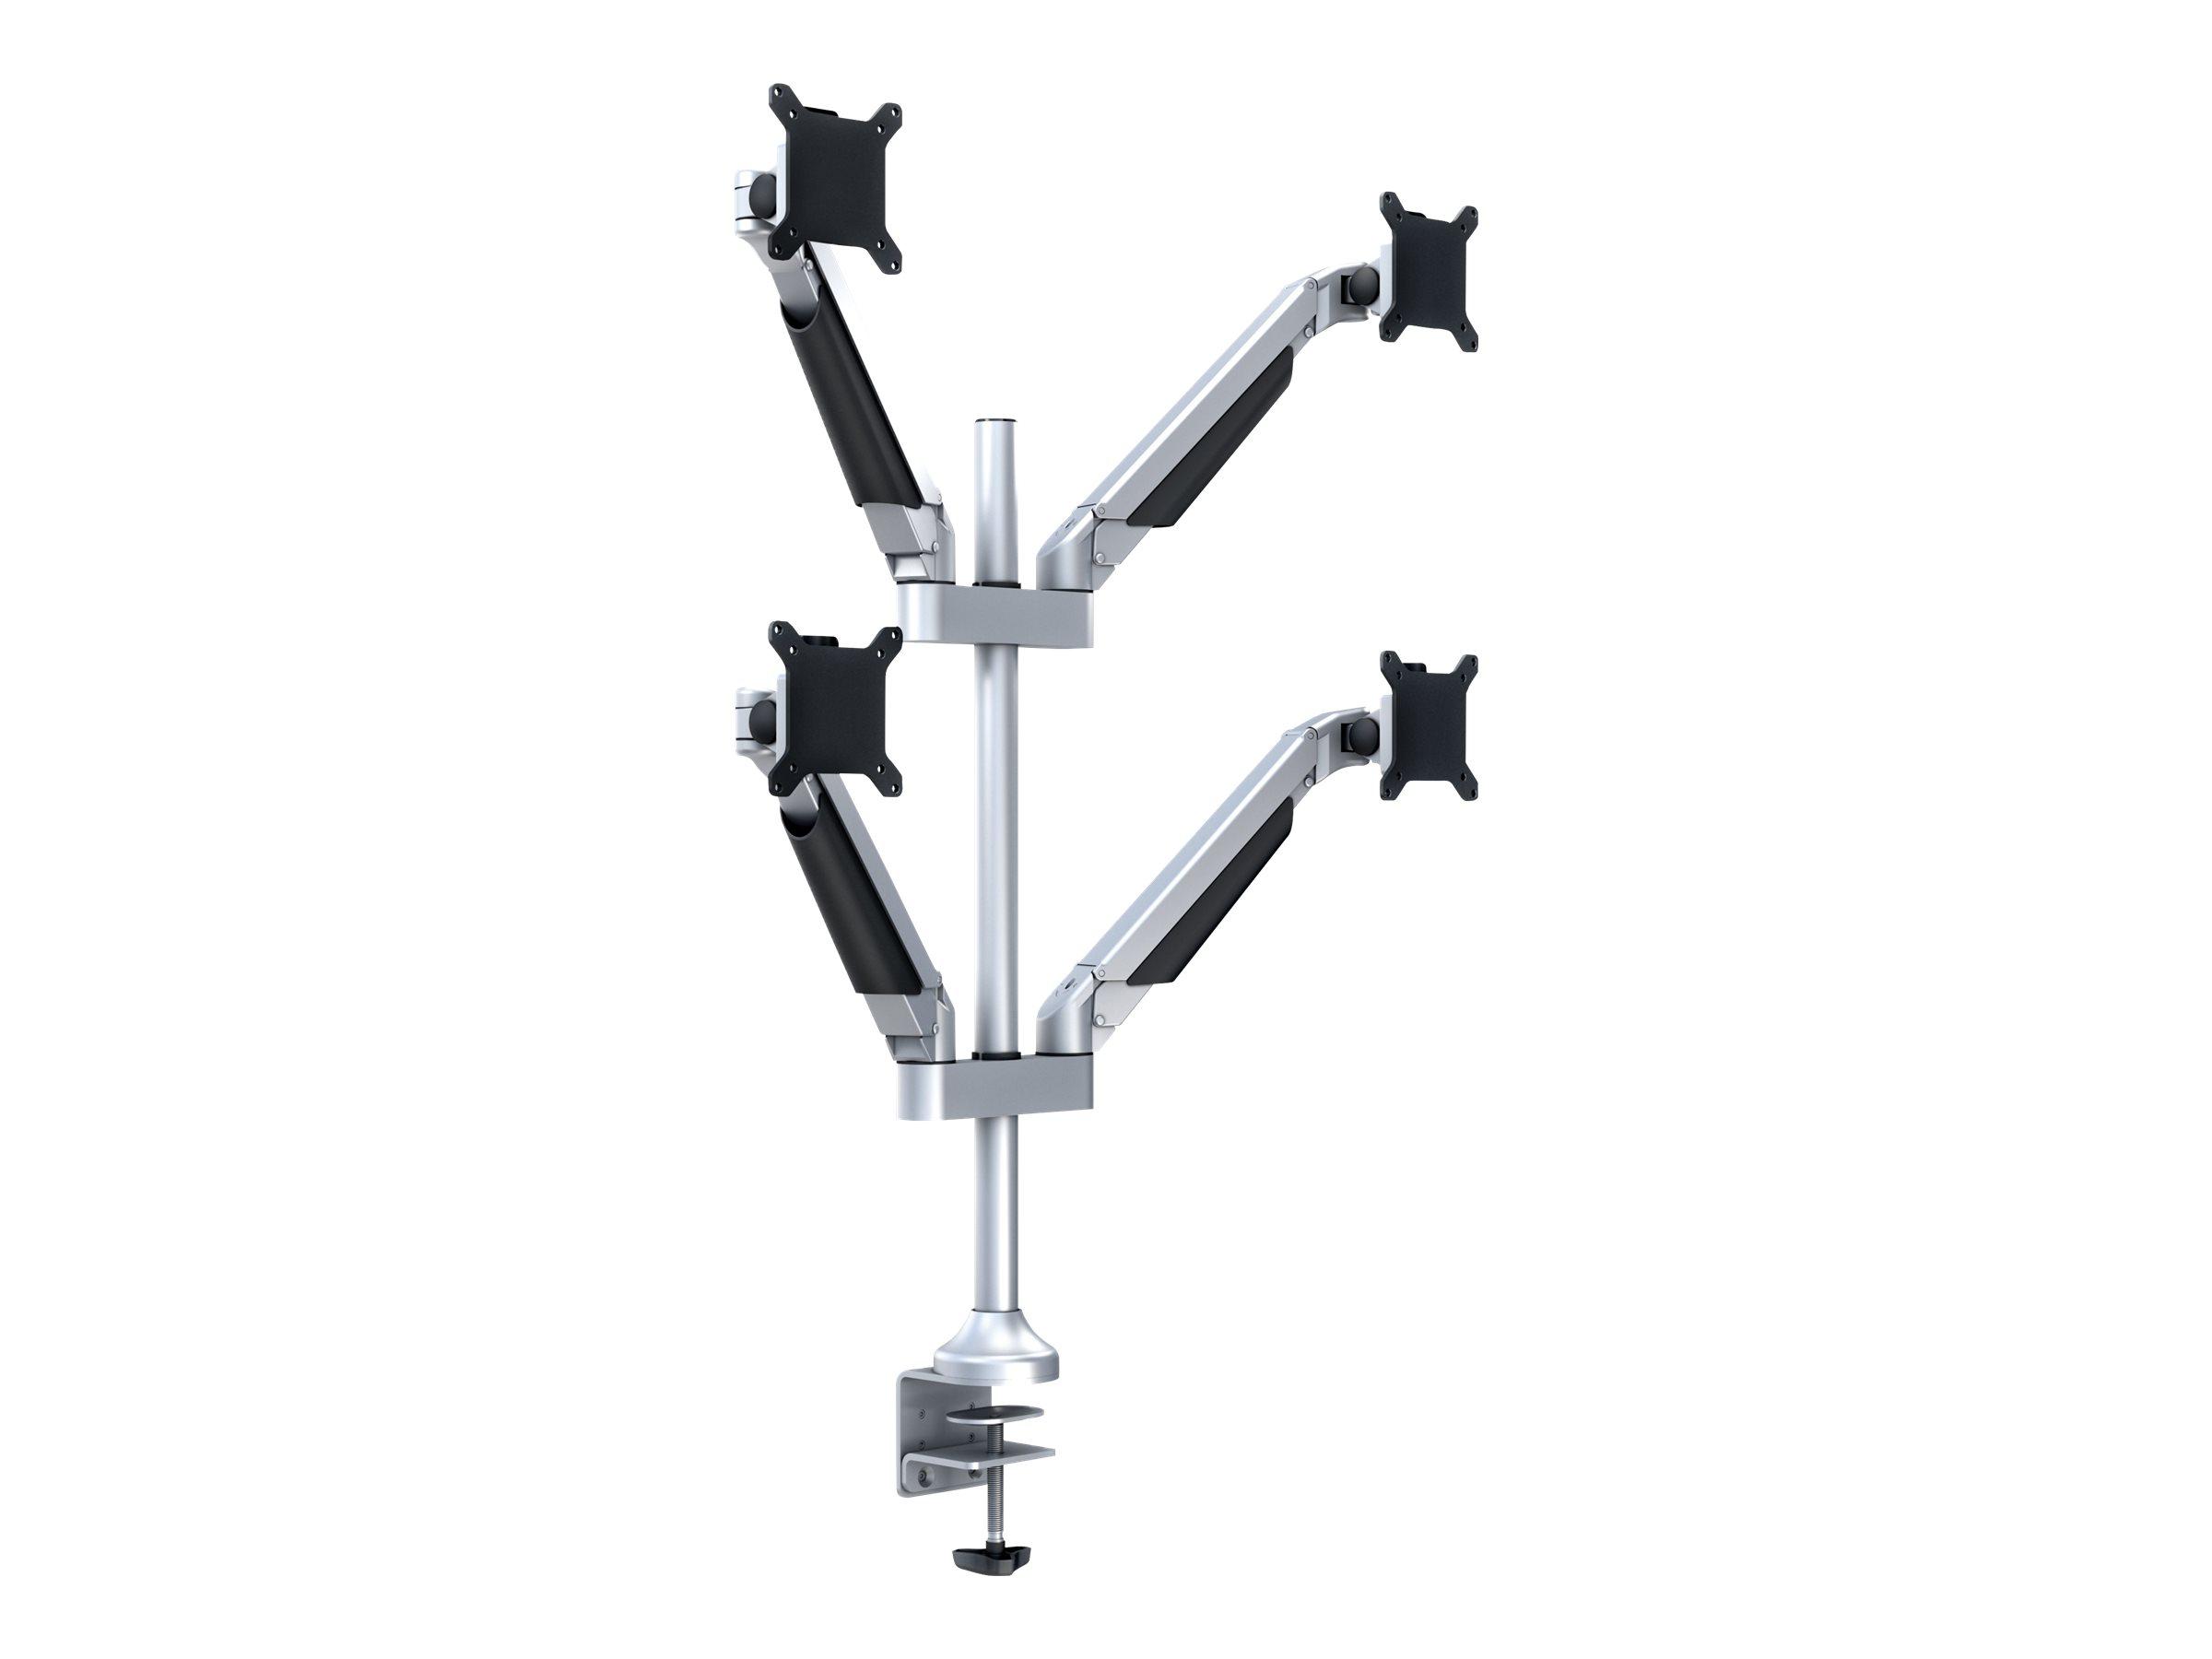 Multibrackets M VESA Gas Lift Arm Quad - Befestigungskit (Spannbefestigung für Tisch, 4 Gelenkarme) für 4 LCD-Anzeigen - Alumini